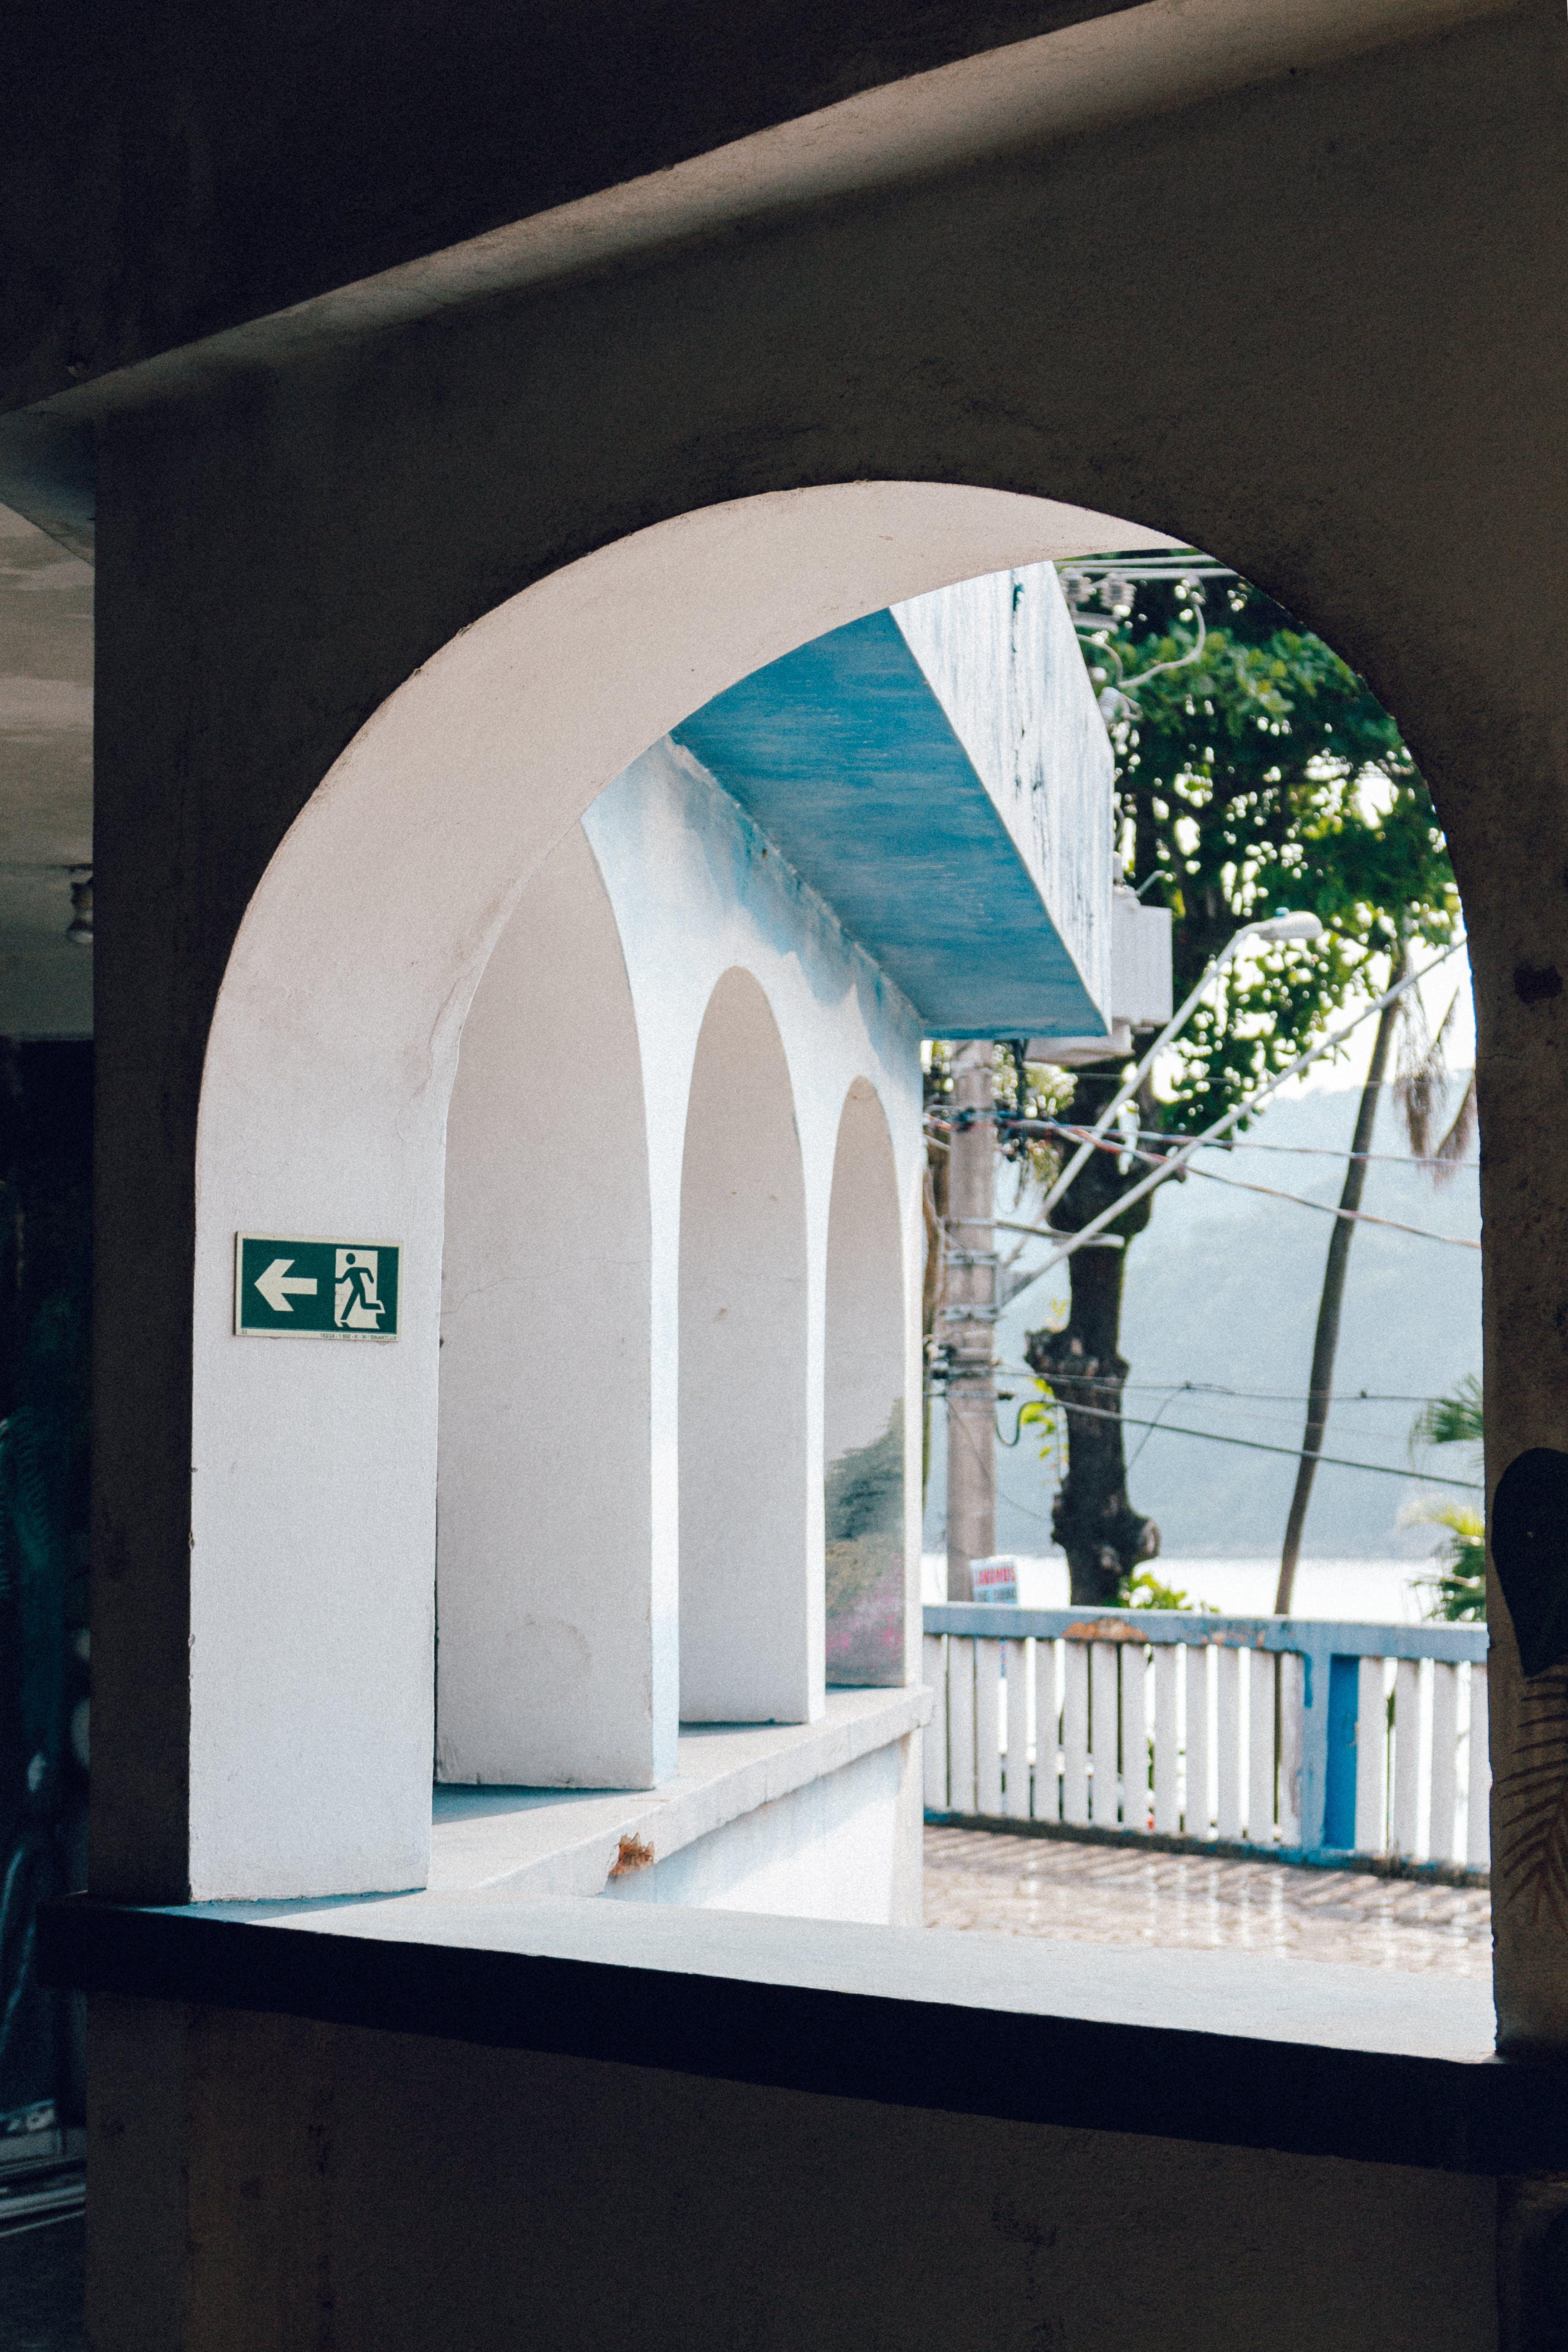 アーチ, インドア, エントランス, ドアの無料の写真素材